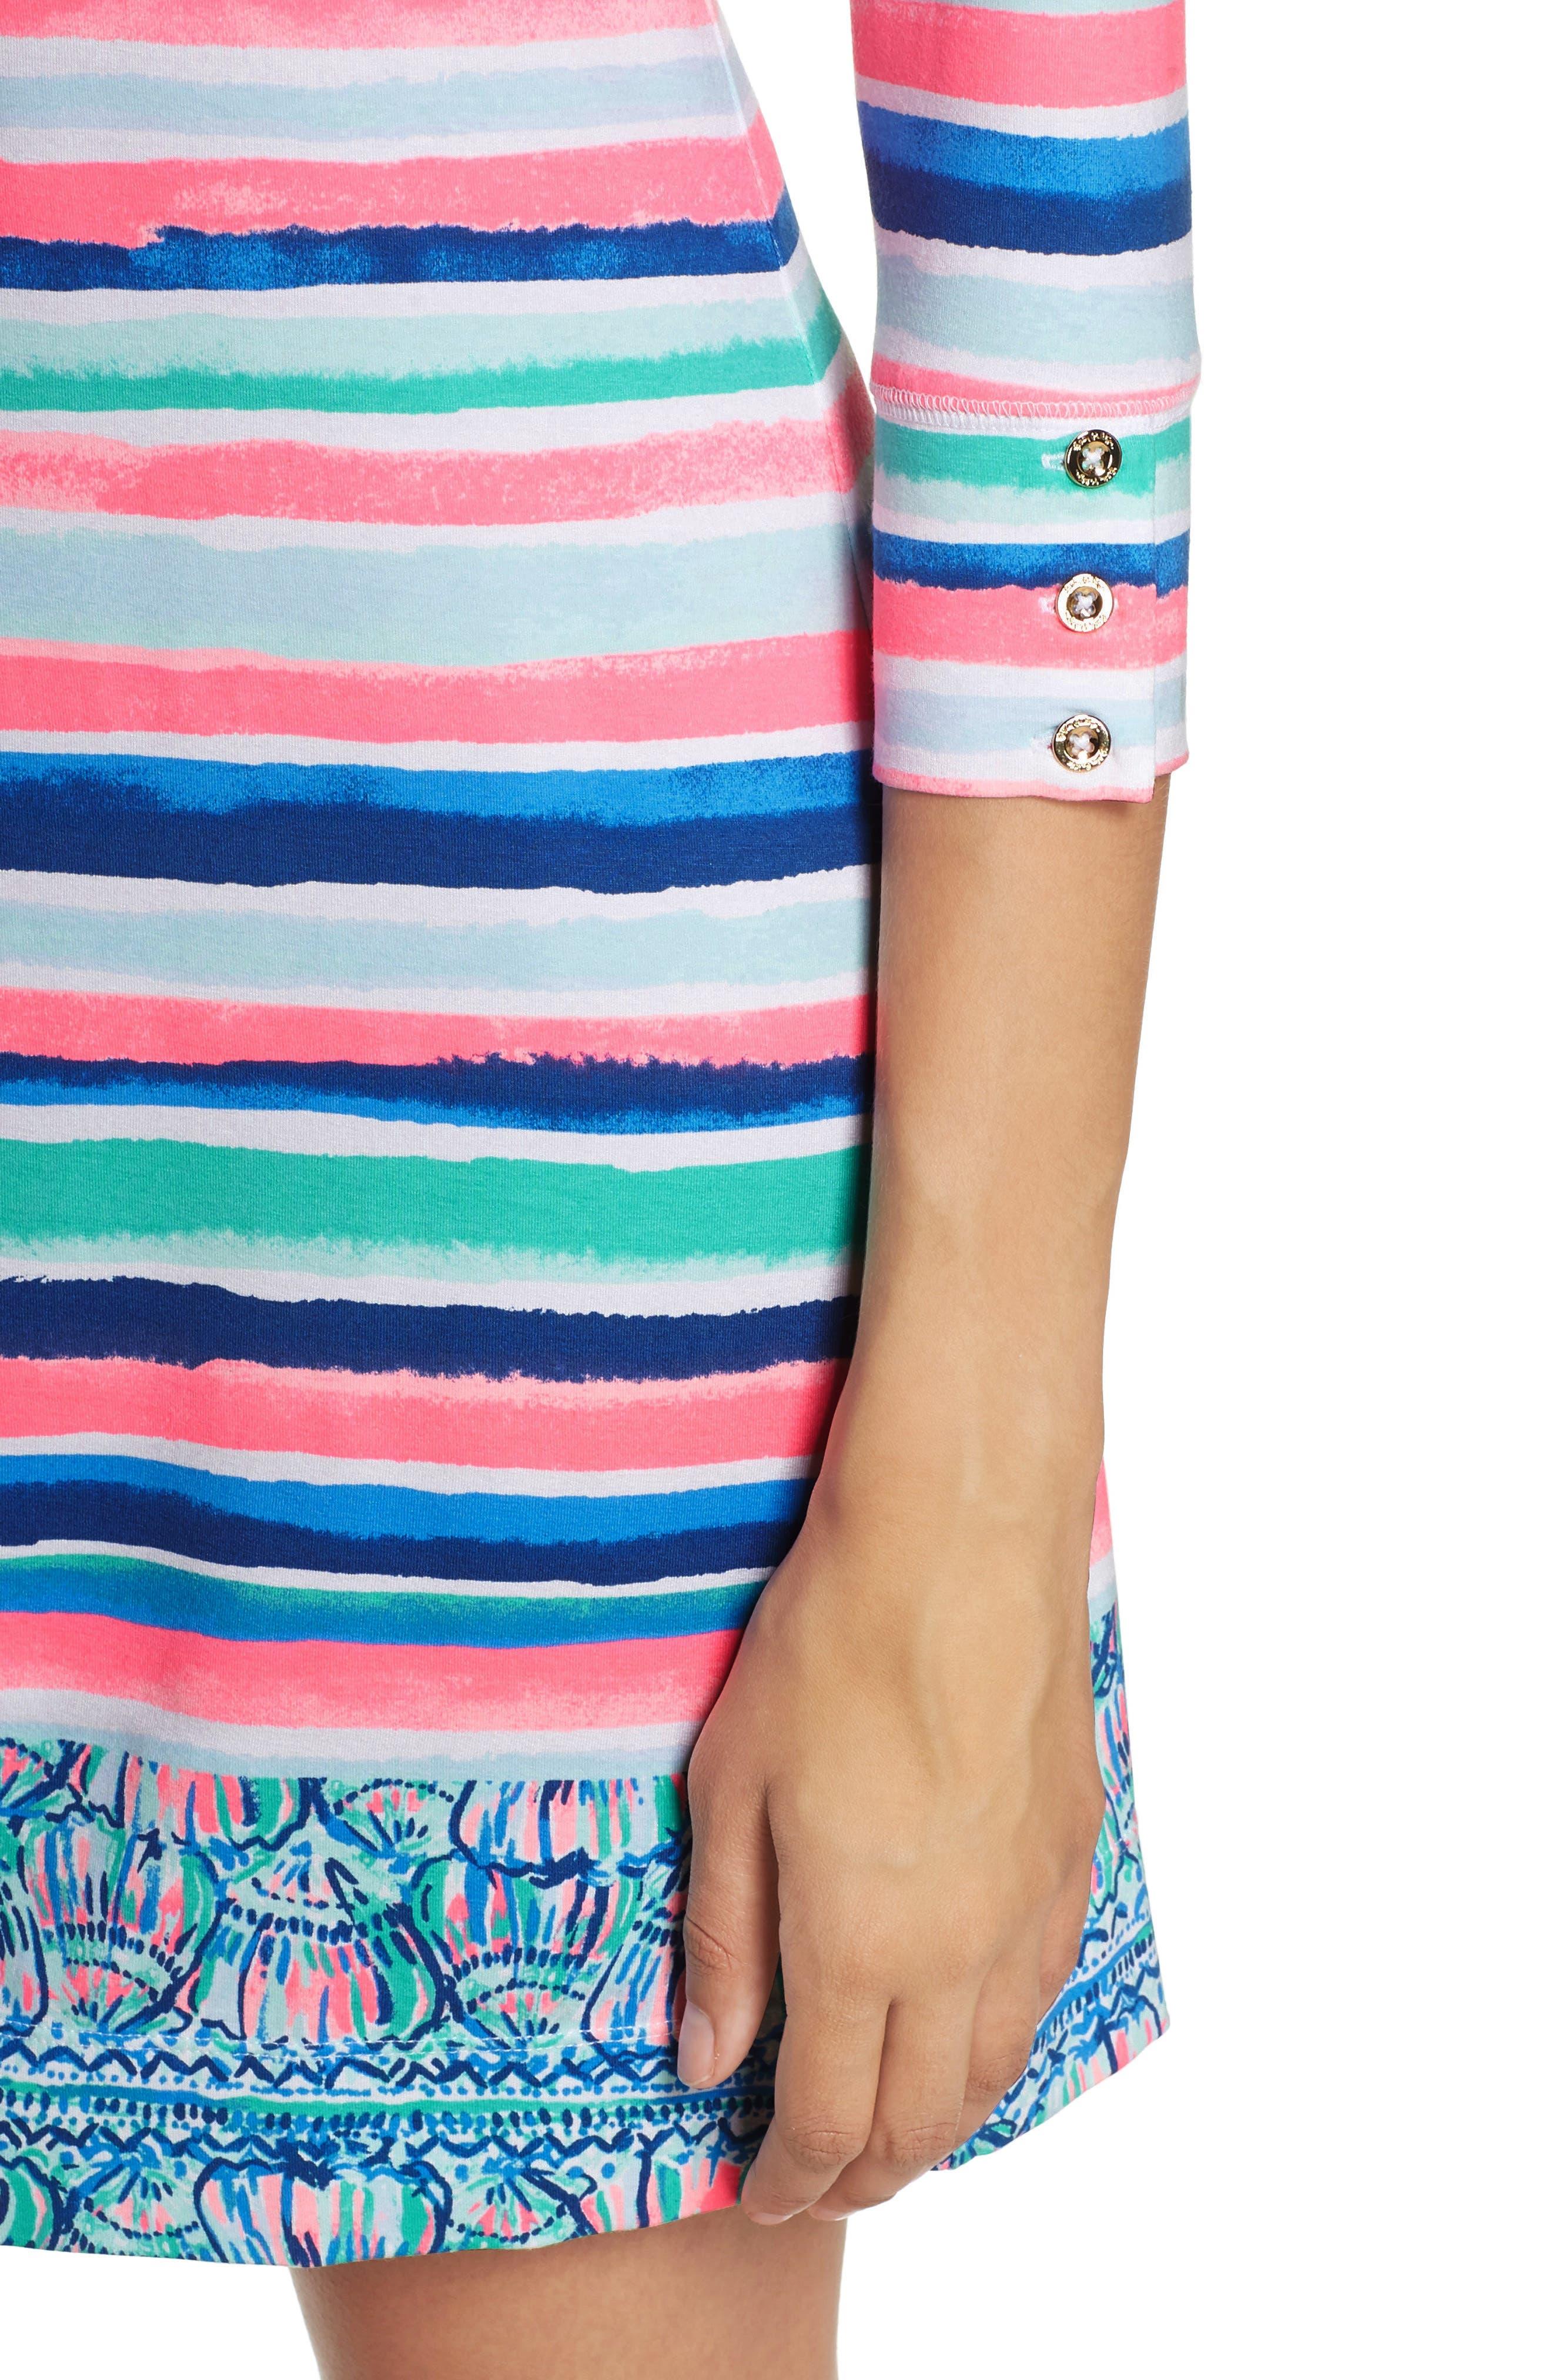 Sophie UPF 50+ Dress,                             Alternate thumbnail 4, color,                             Multi Sandy Shell Stripe